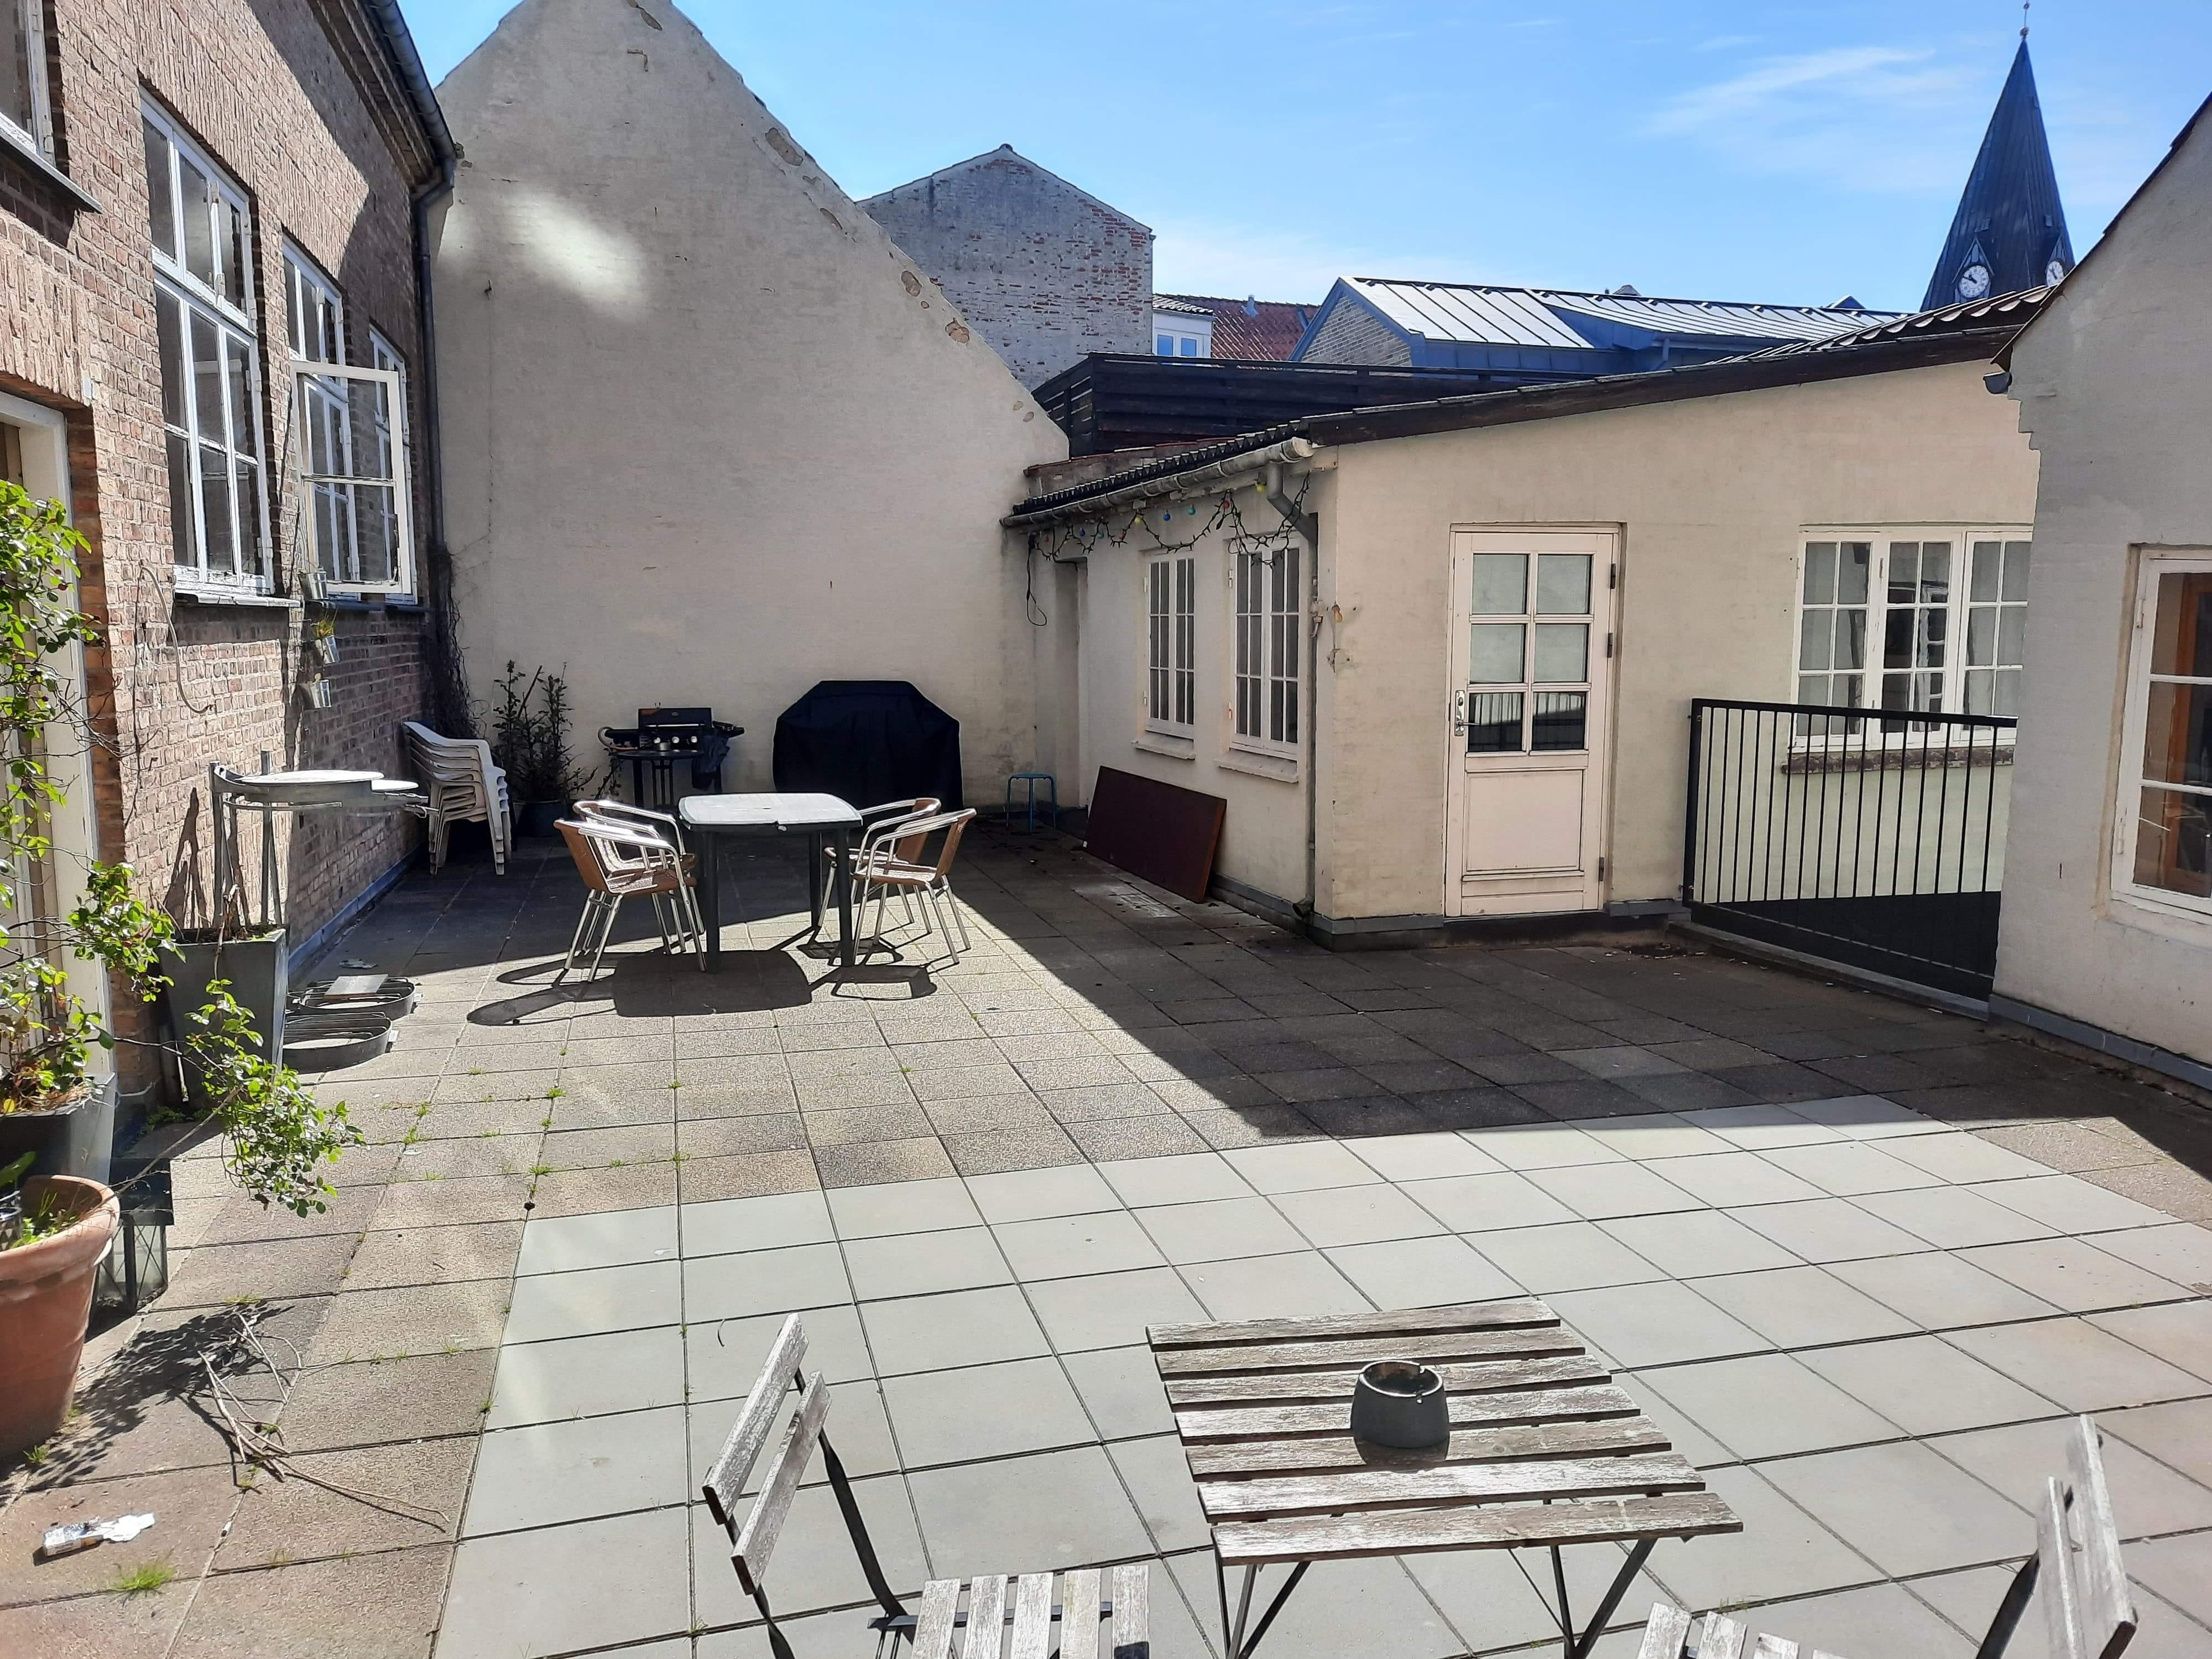 Søger Roommate til Lejlighed midt i Aalborg centrum!